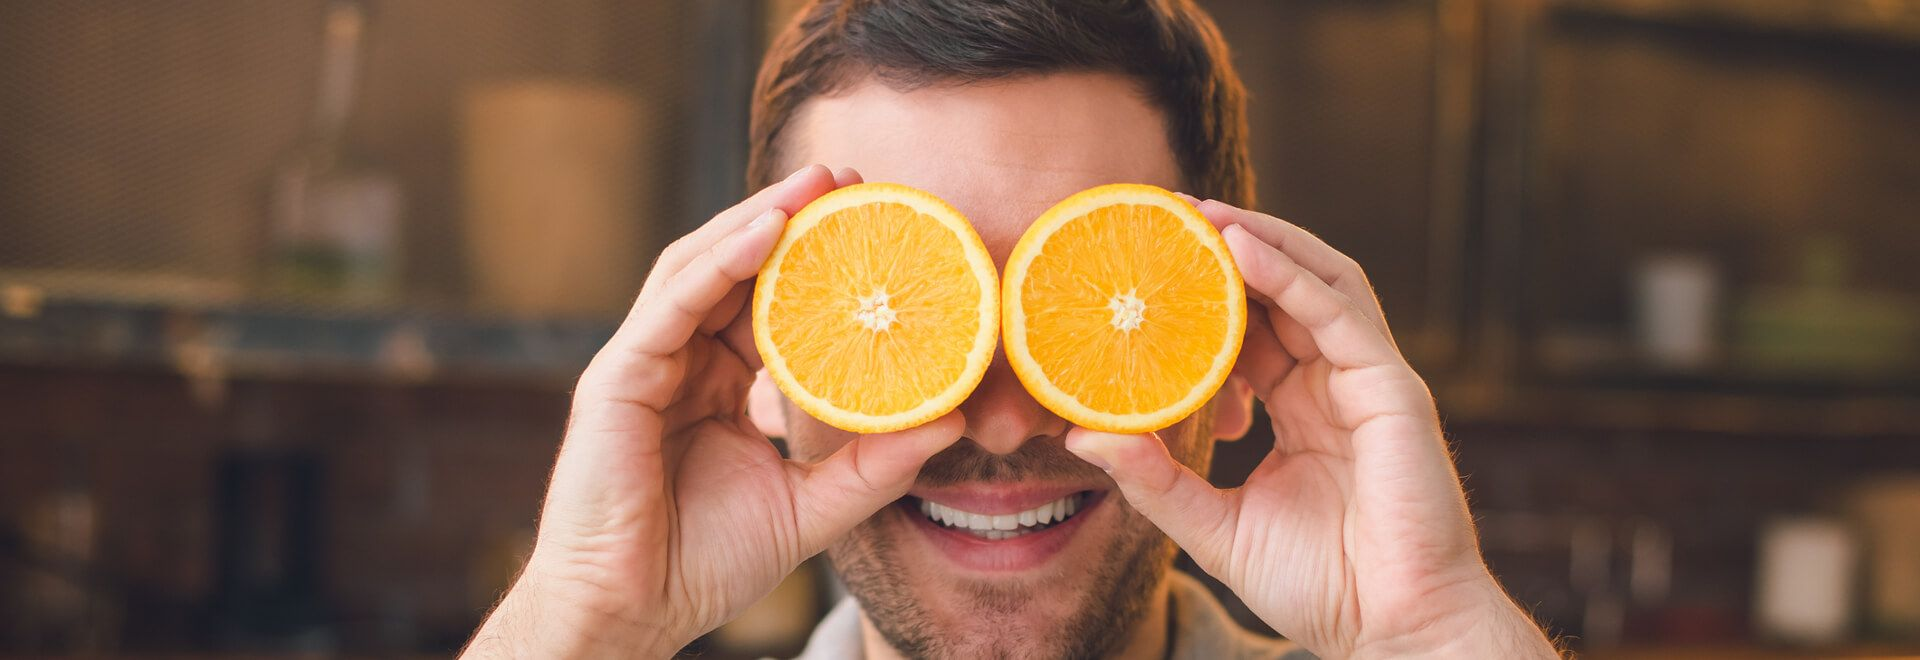 Ein Mann hält sich zur Veranschaulichung für gesunde Ernährung zwei Orangenhälften vor die Augen